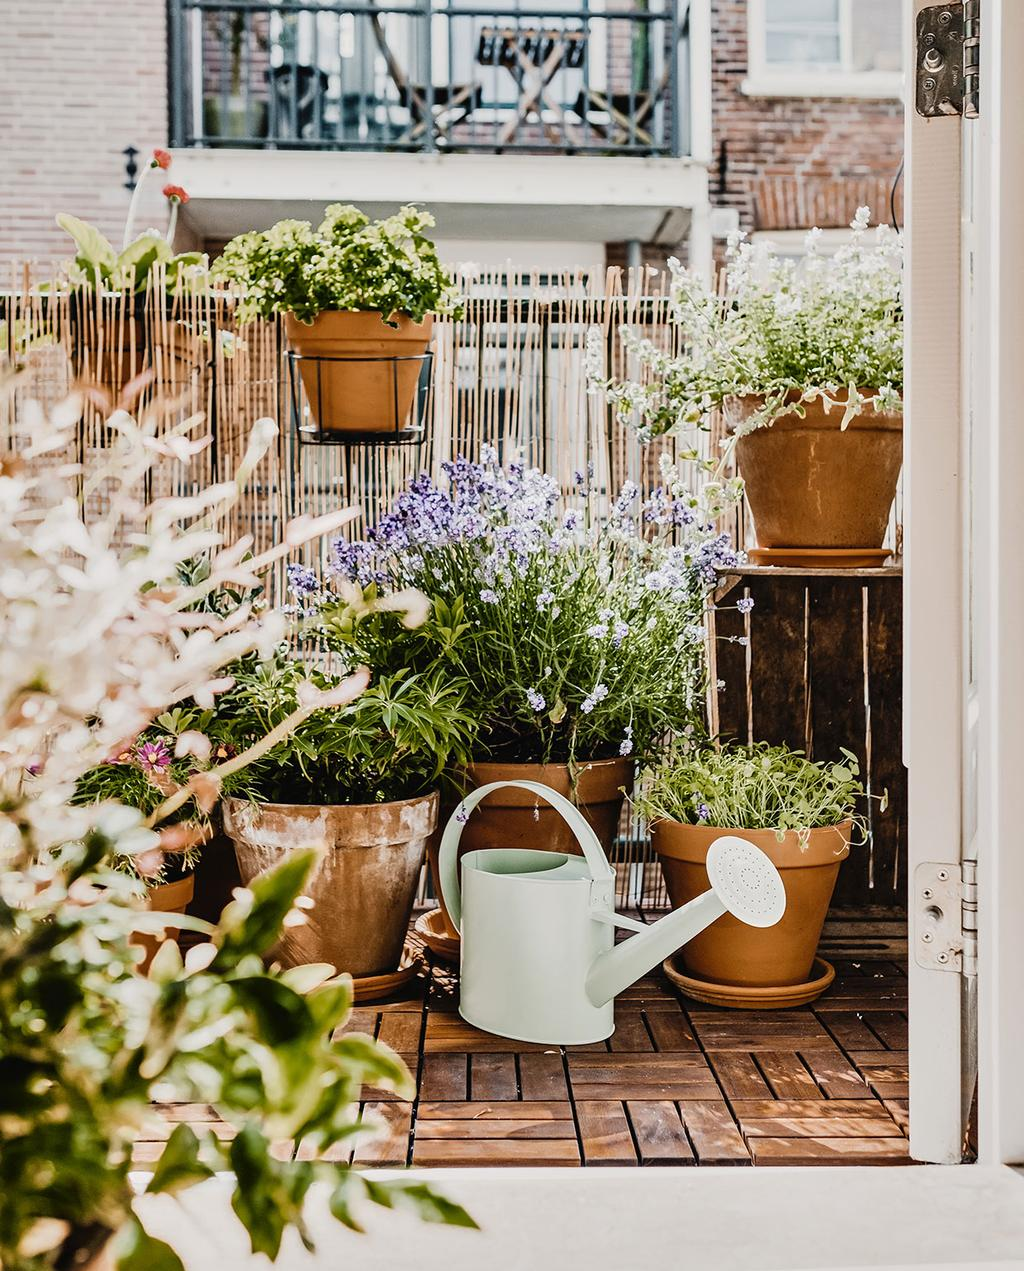 vtwonen 02-2021 | balkon met veel planten